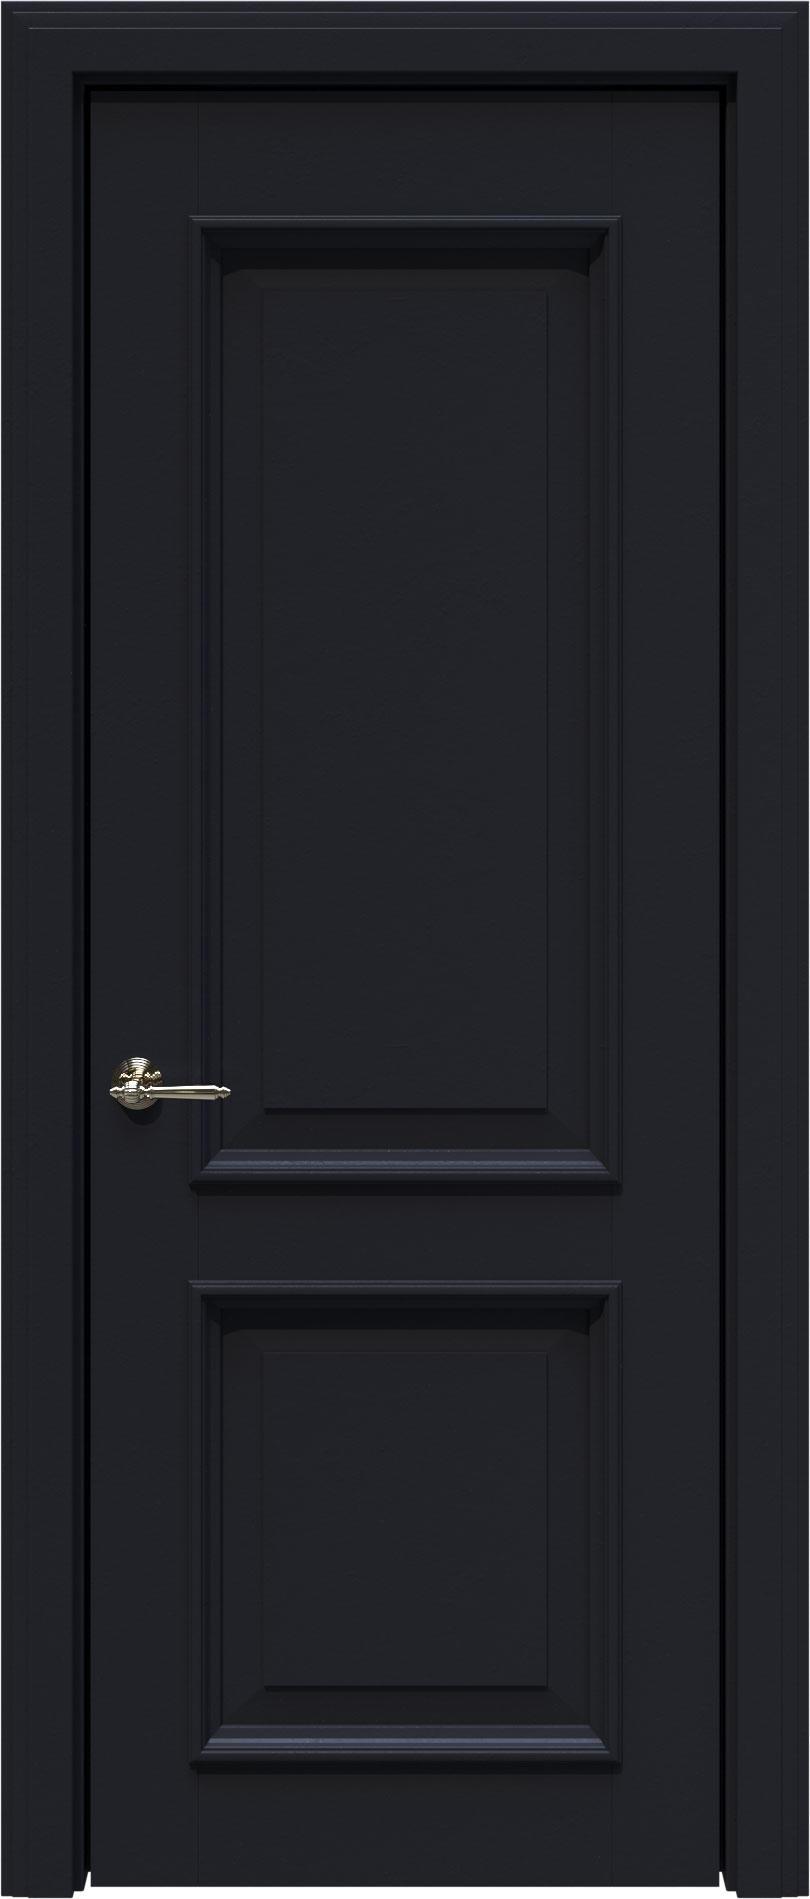 Dinastia LUX цвет - Черная эмаль (RAL 9004) Без стекла (ДГ)